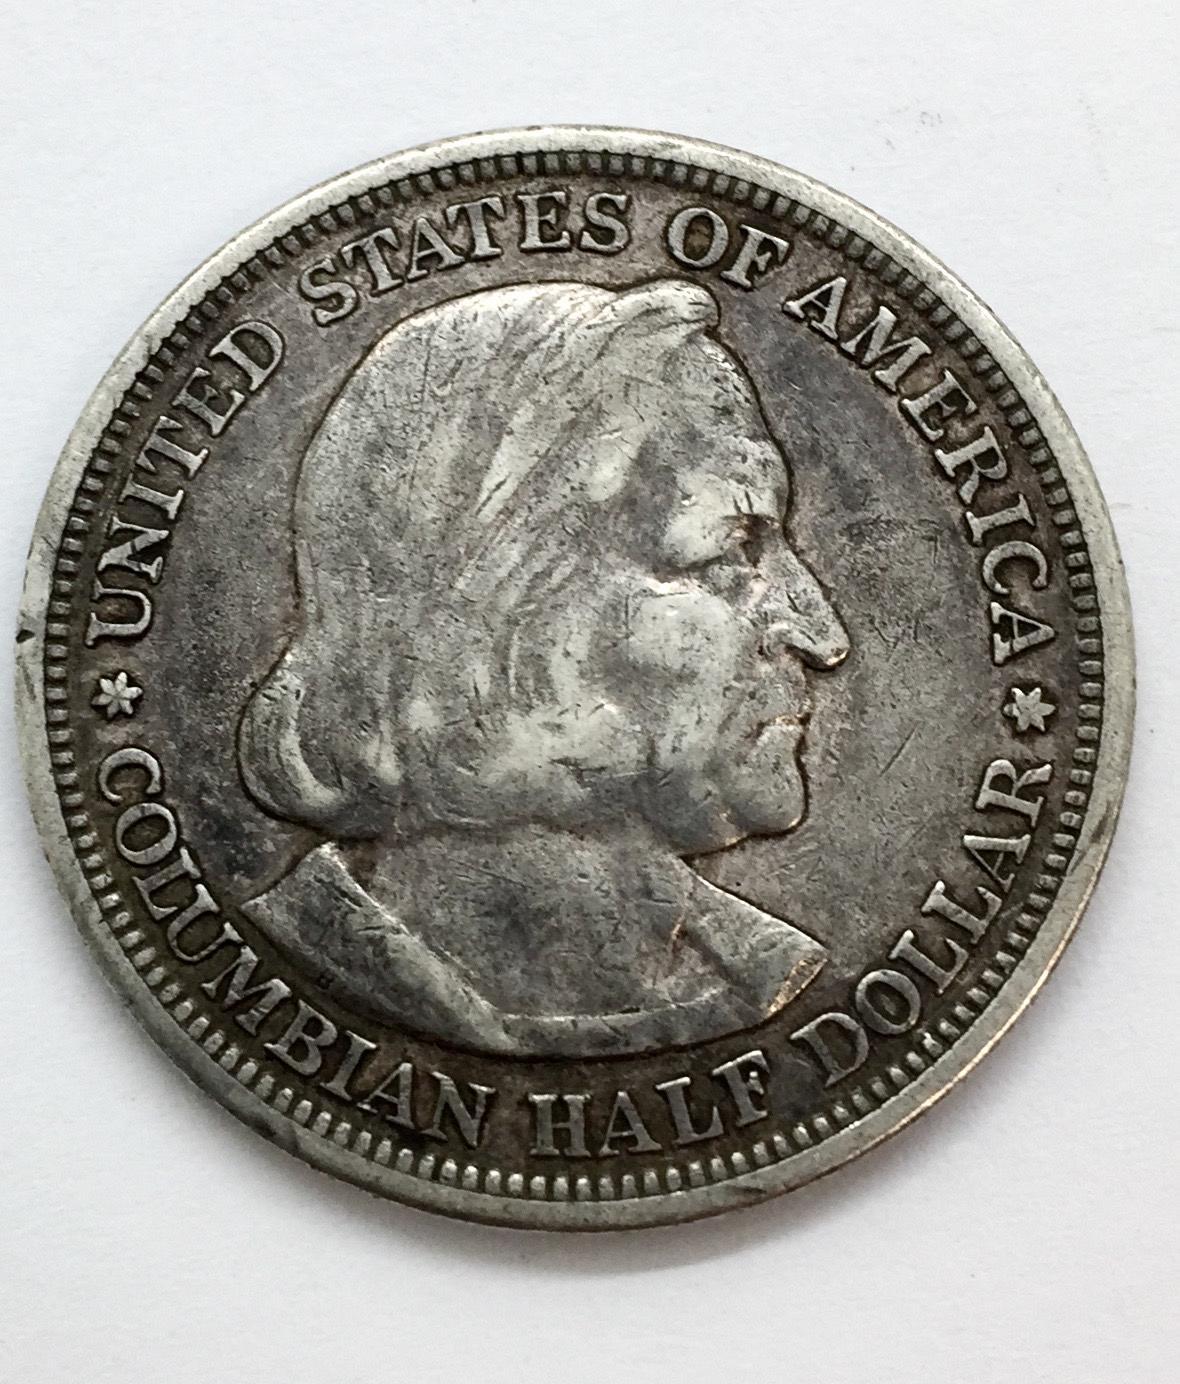 HISTORIC HIGH GRADE COIN! 1893 Columbian Exposition Half Dollar